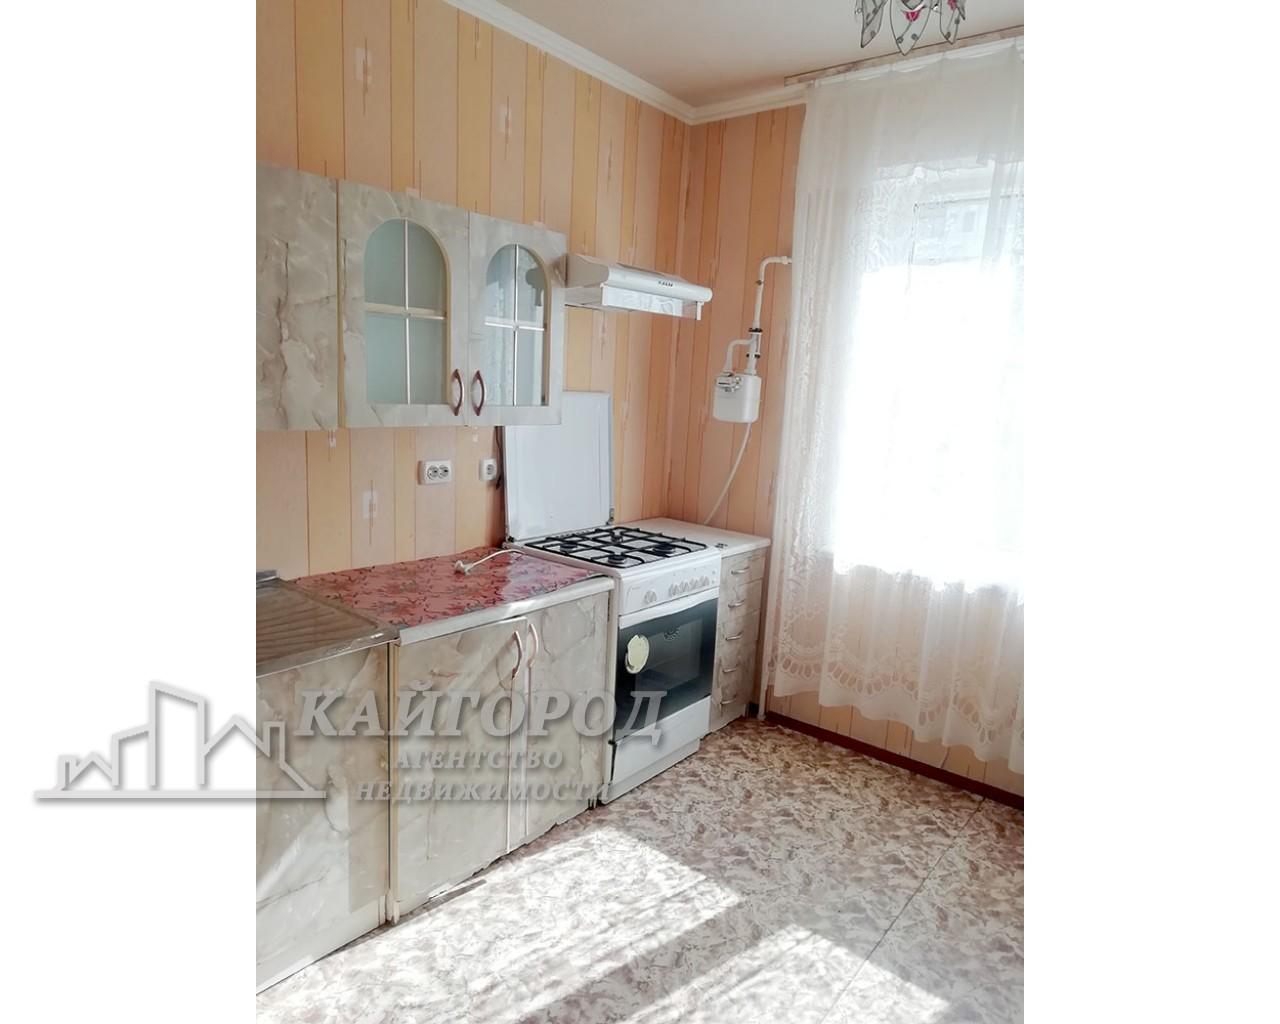 Продам 1-но комнатную квартиру на Песчаном массиве пер. Студенческий